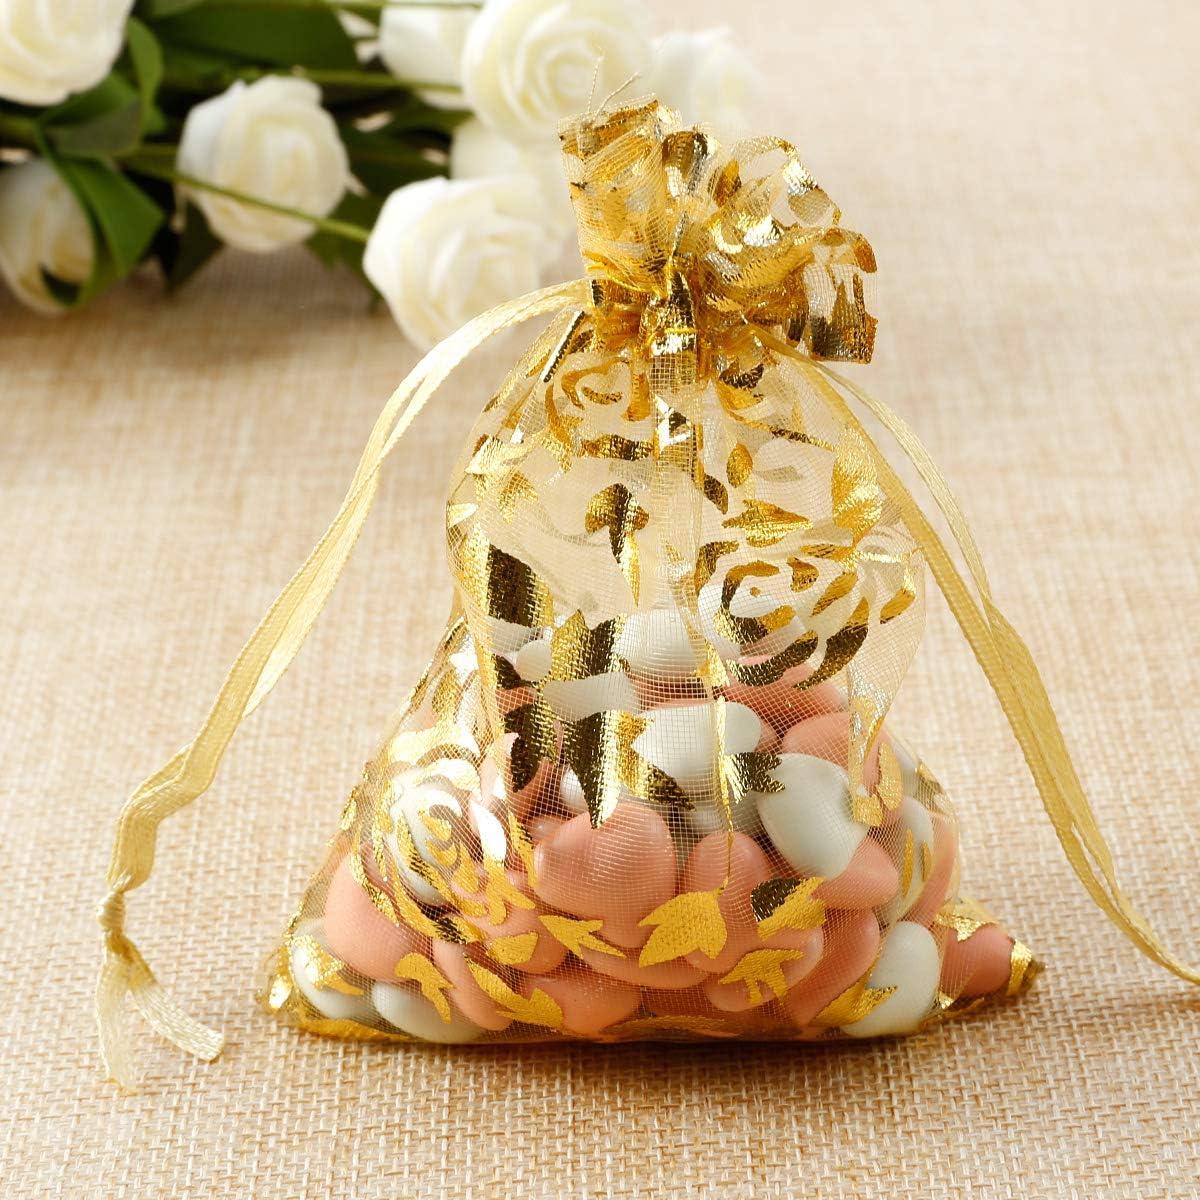 OnePlace Gifts Personnalisable Flasque en forme de tube en acier inoxydable Avec gravure /« Best man /» Cadeau pour t/émoin de mariage